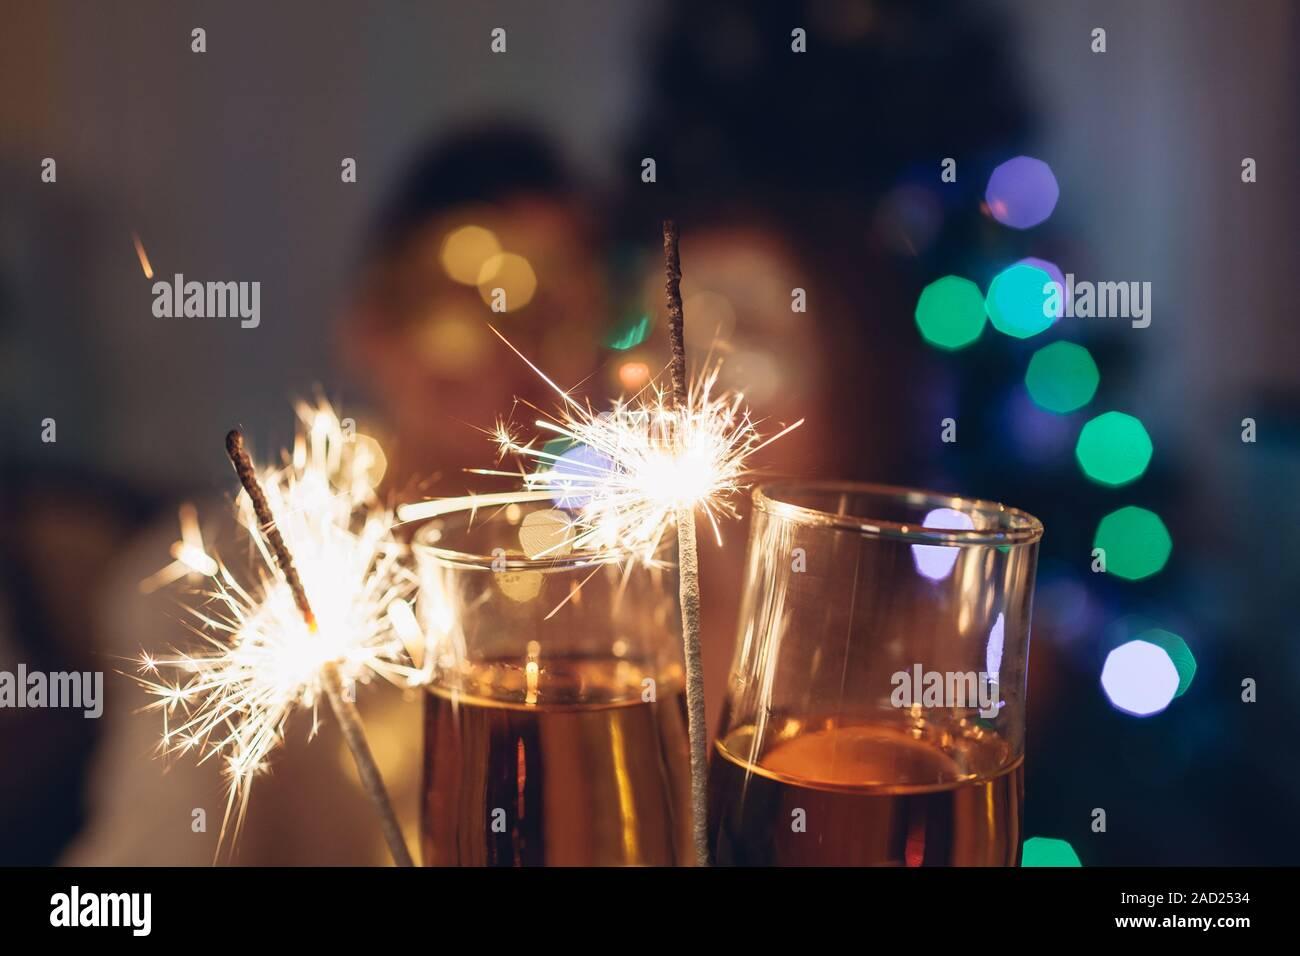 Noël et Nouvel an party concept. Couple amoureux cierges brûlant par Sapin Noël avec champagne. Banque D'Images